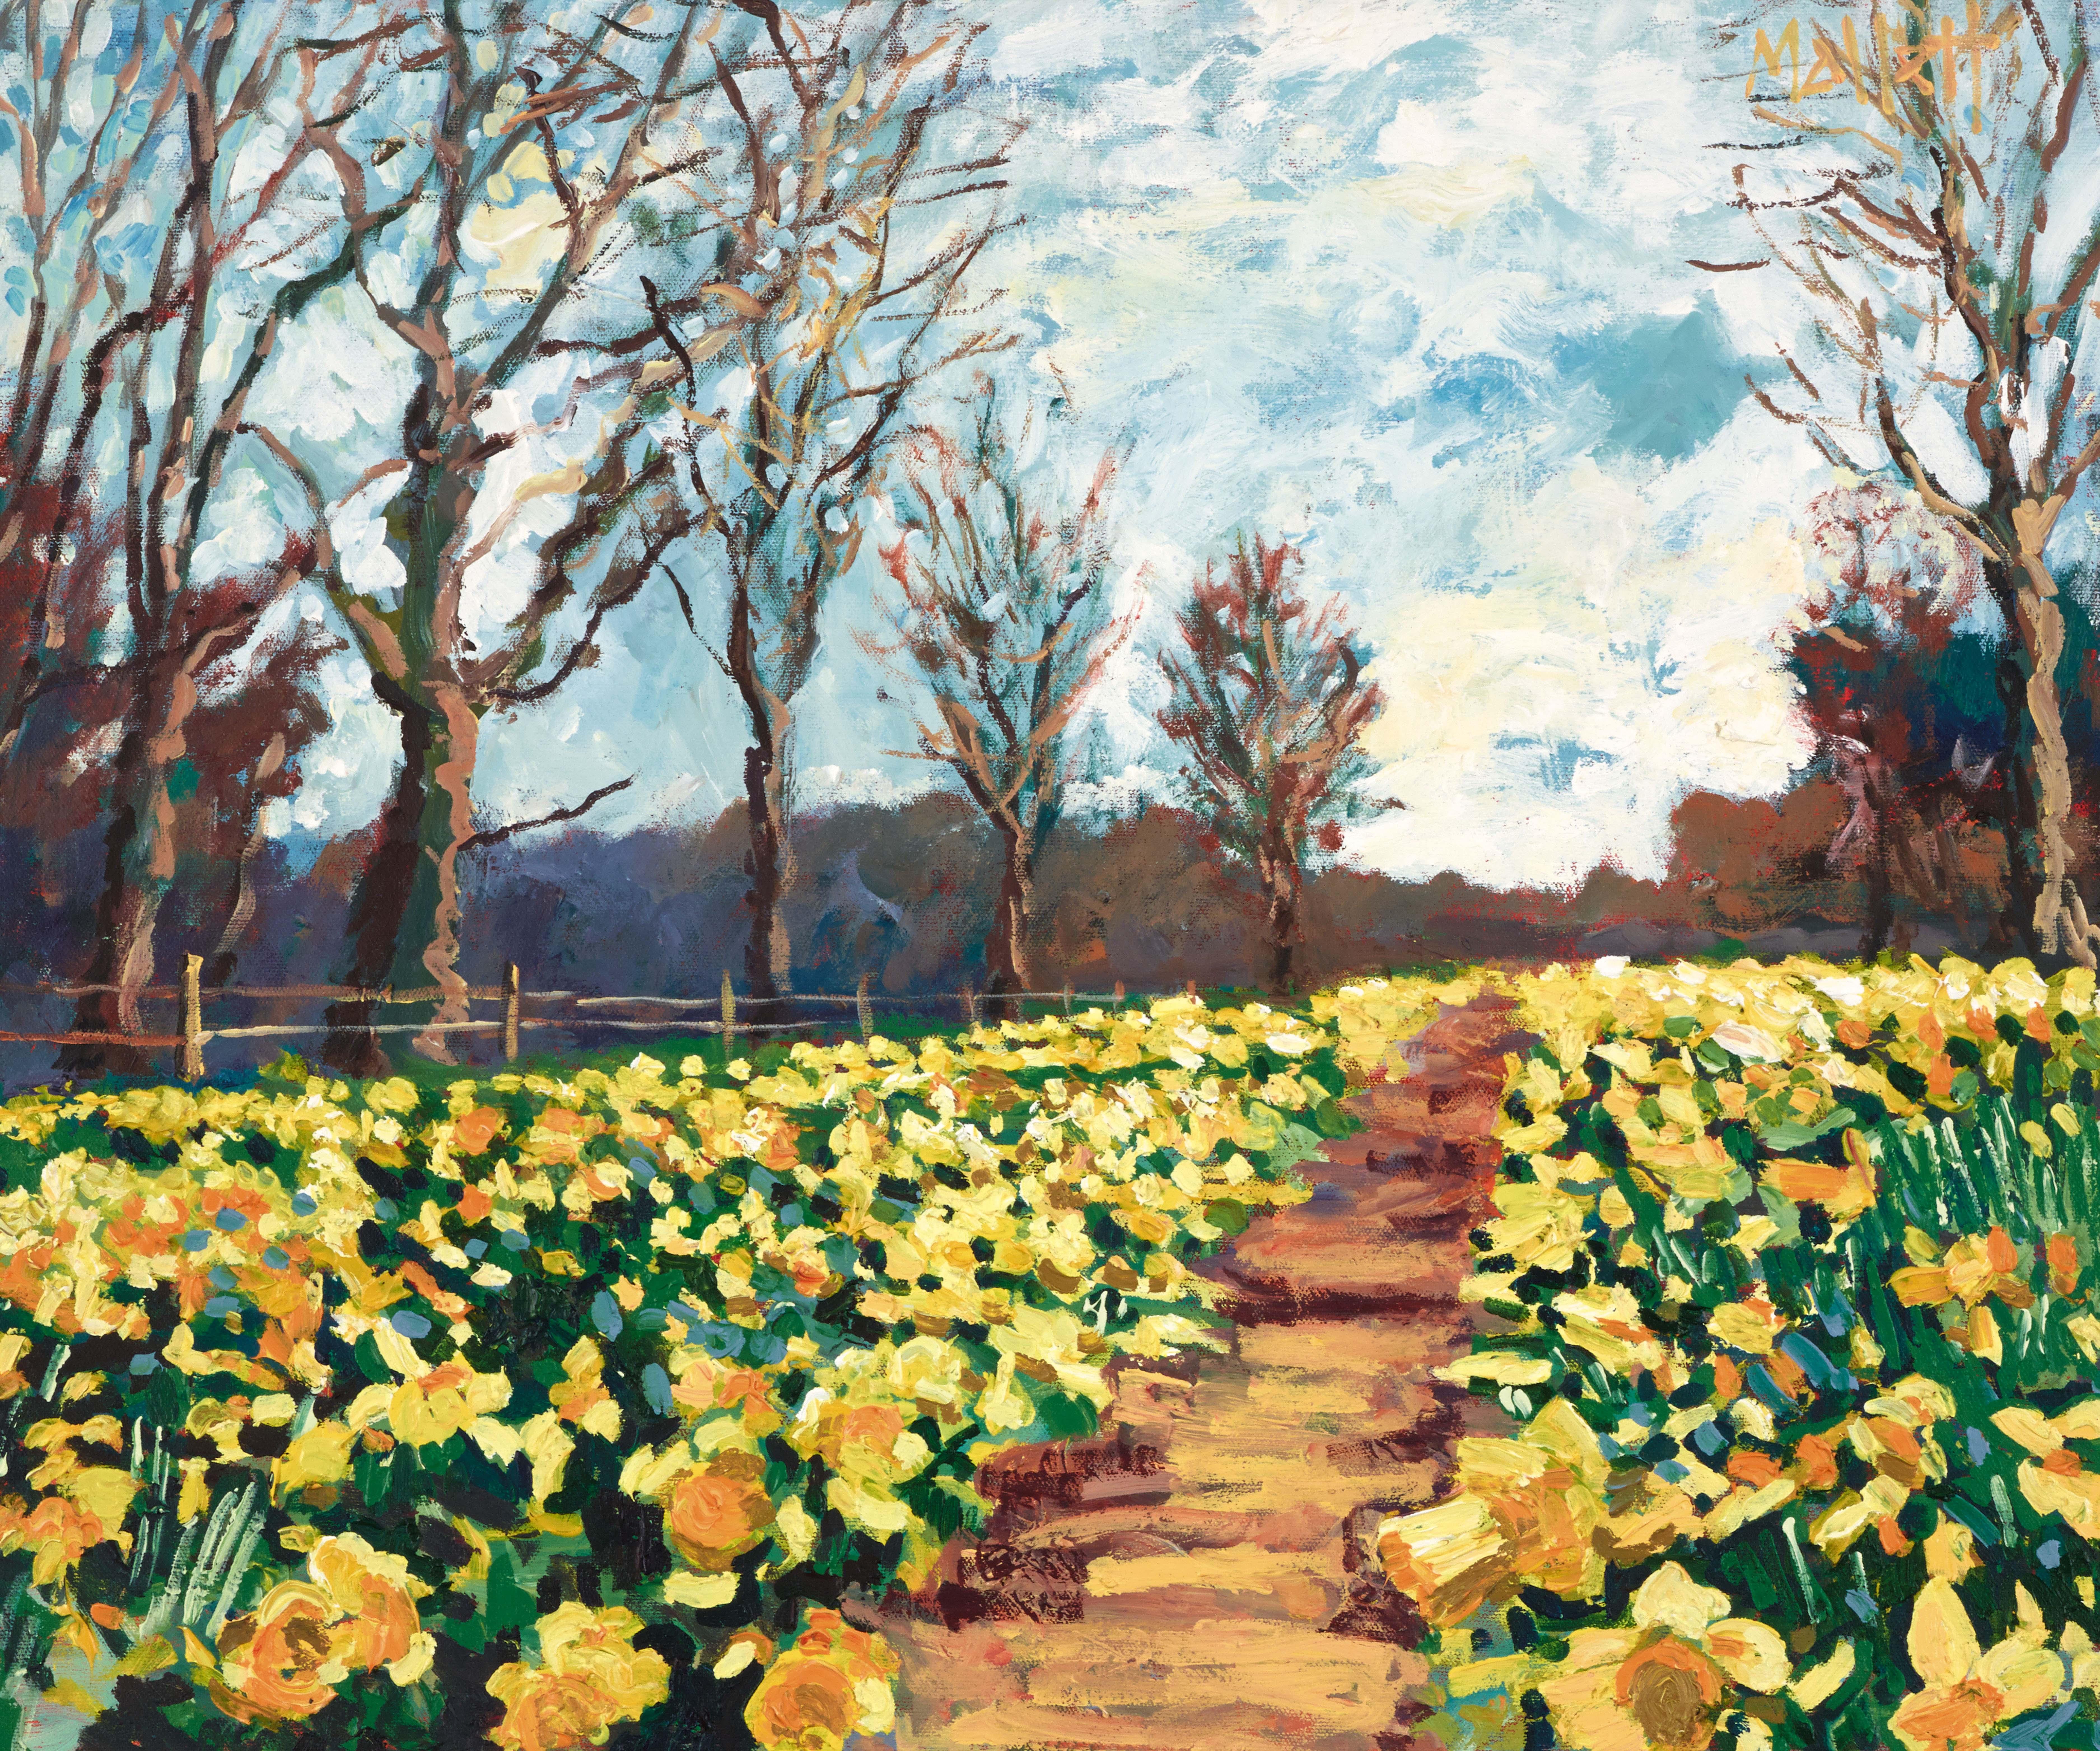 TIMMY MALLETT_Daffodil Walk_24X20_OIL ON BOARD